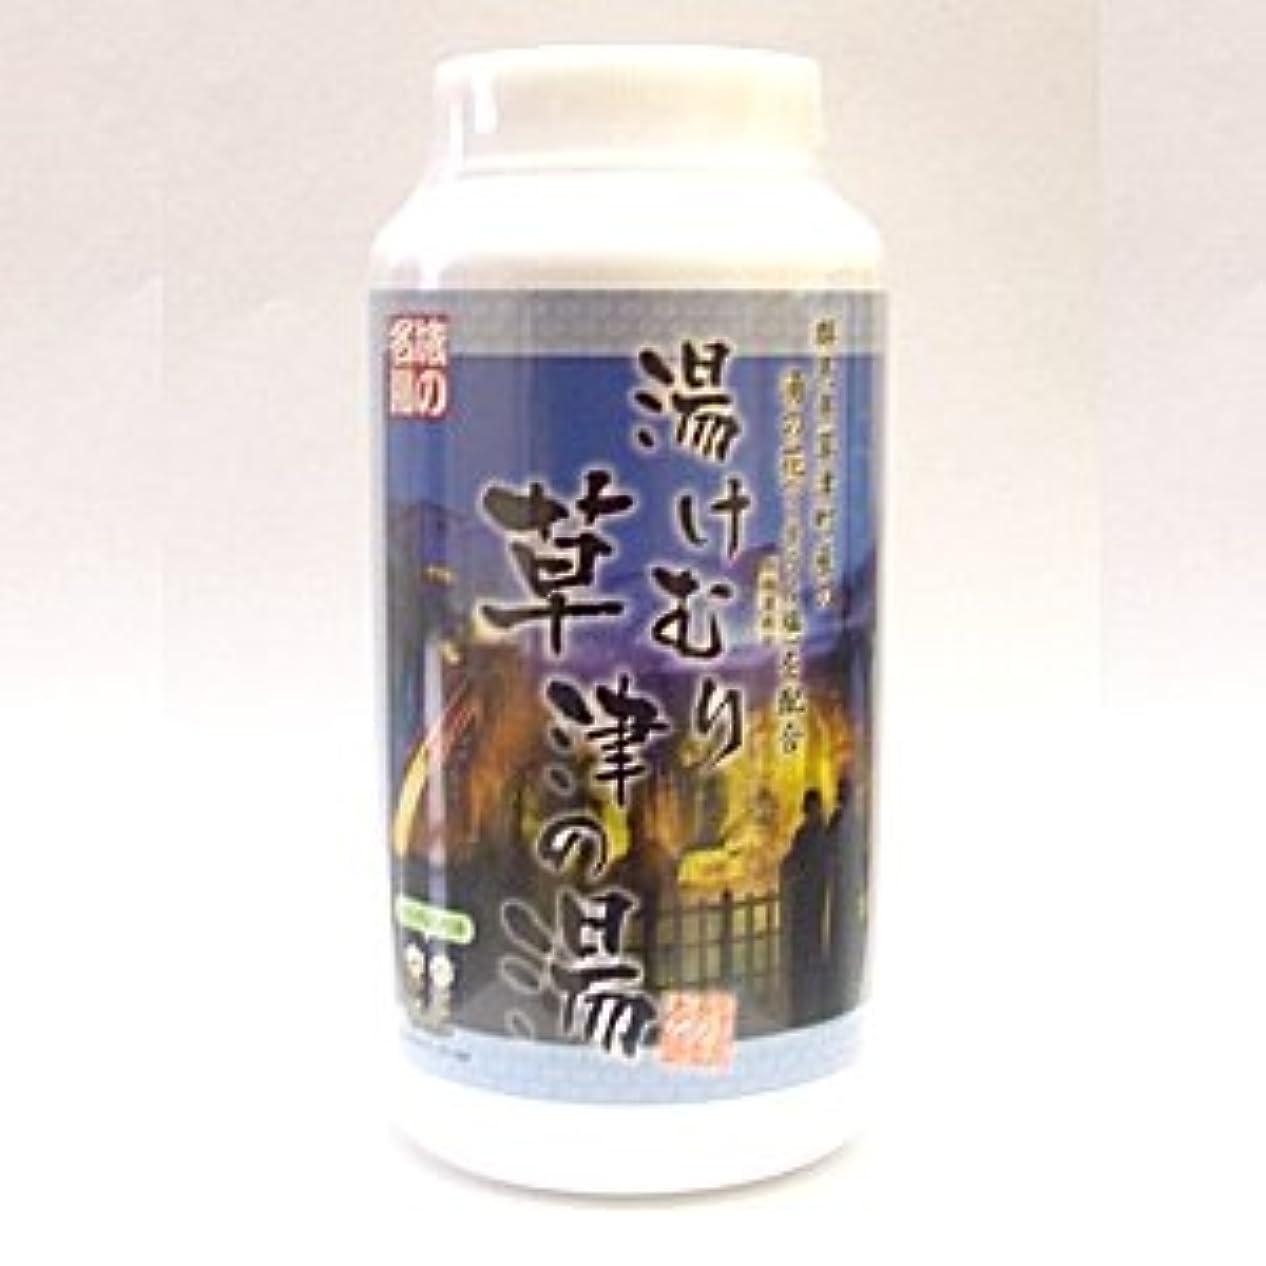 蒸気アナリストすごい湯けむり草津の湯 群馬県草津町産の「湯の花」配合 500g